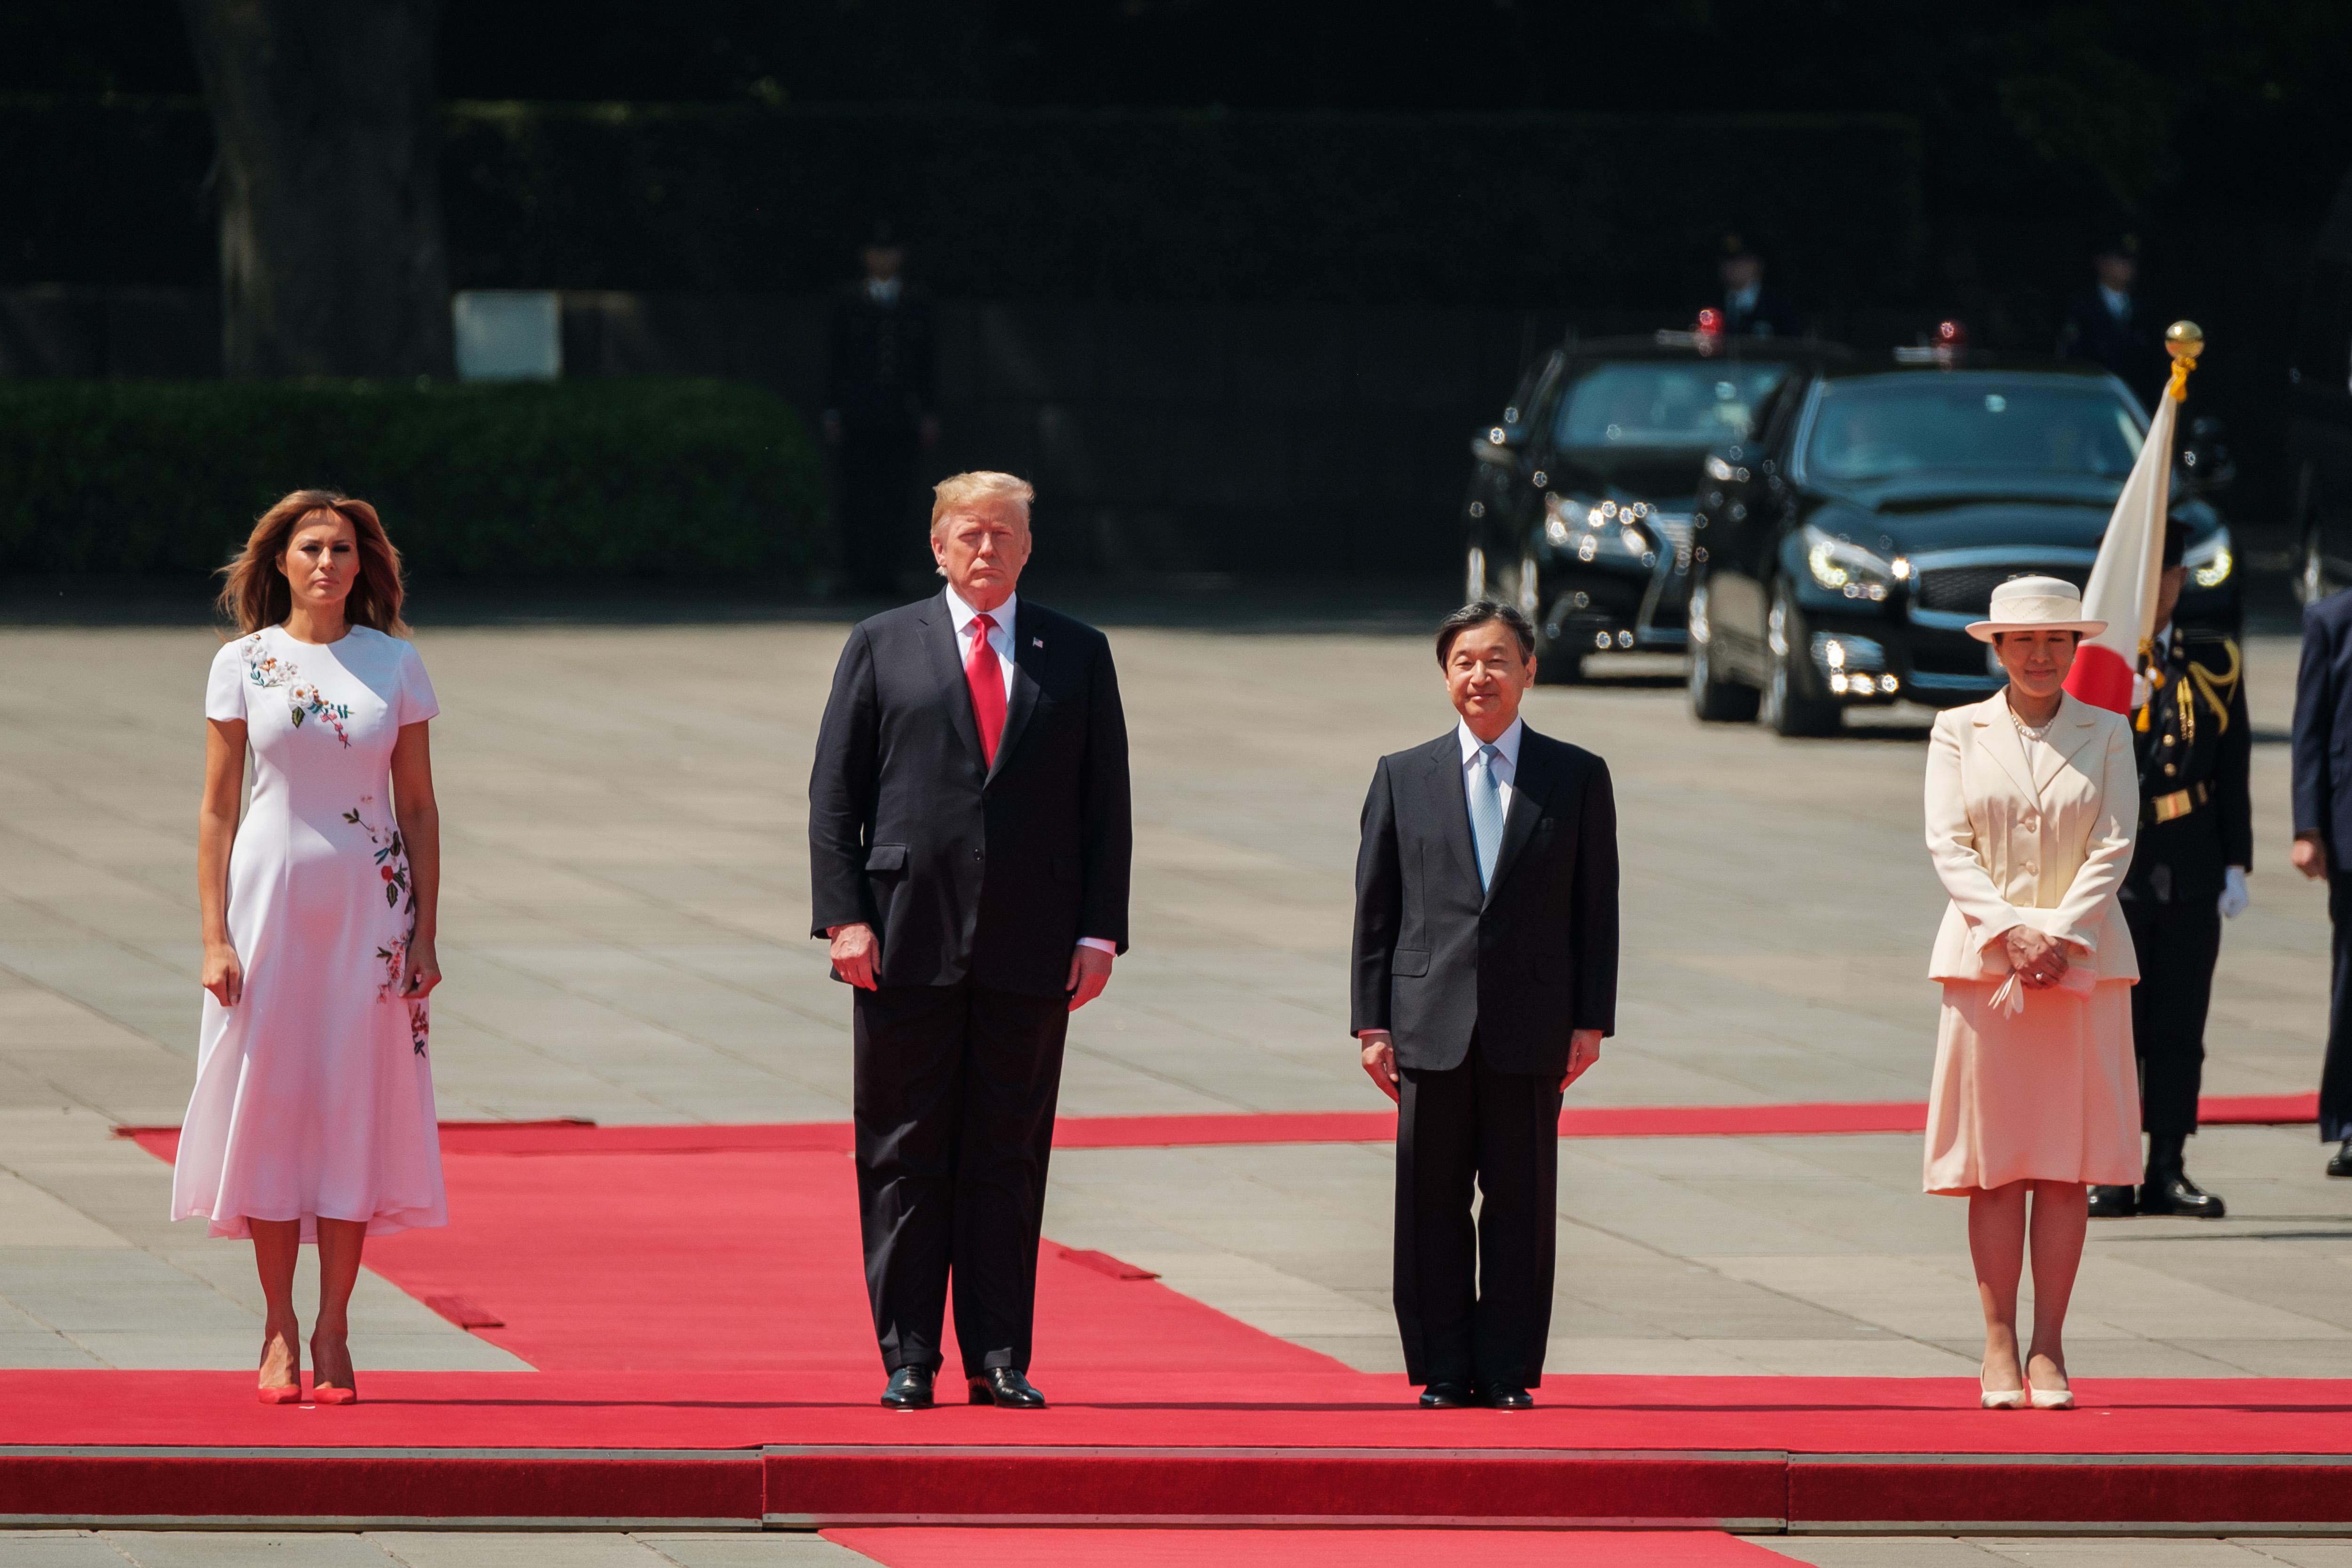 特朗普夫婦與日王德仁夫婦出席歡迎儀式。(Nicolas Datiche-Pool/Getty Images)